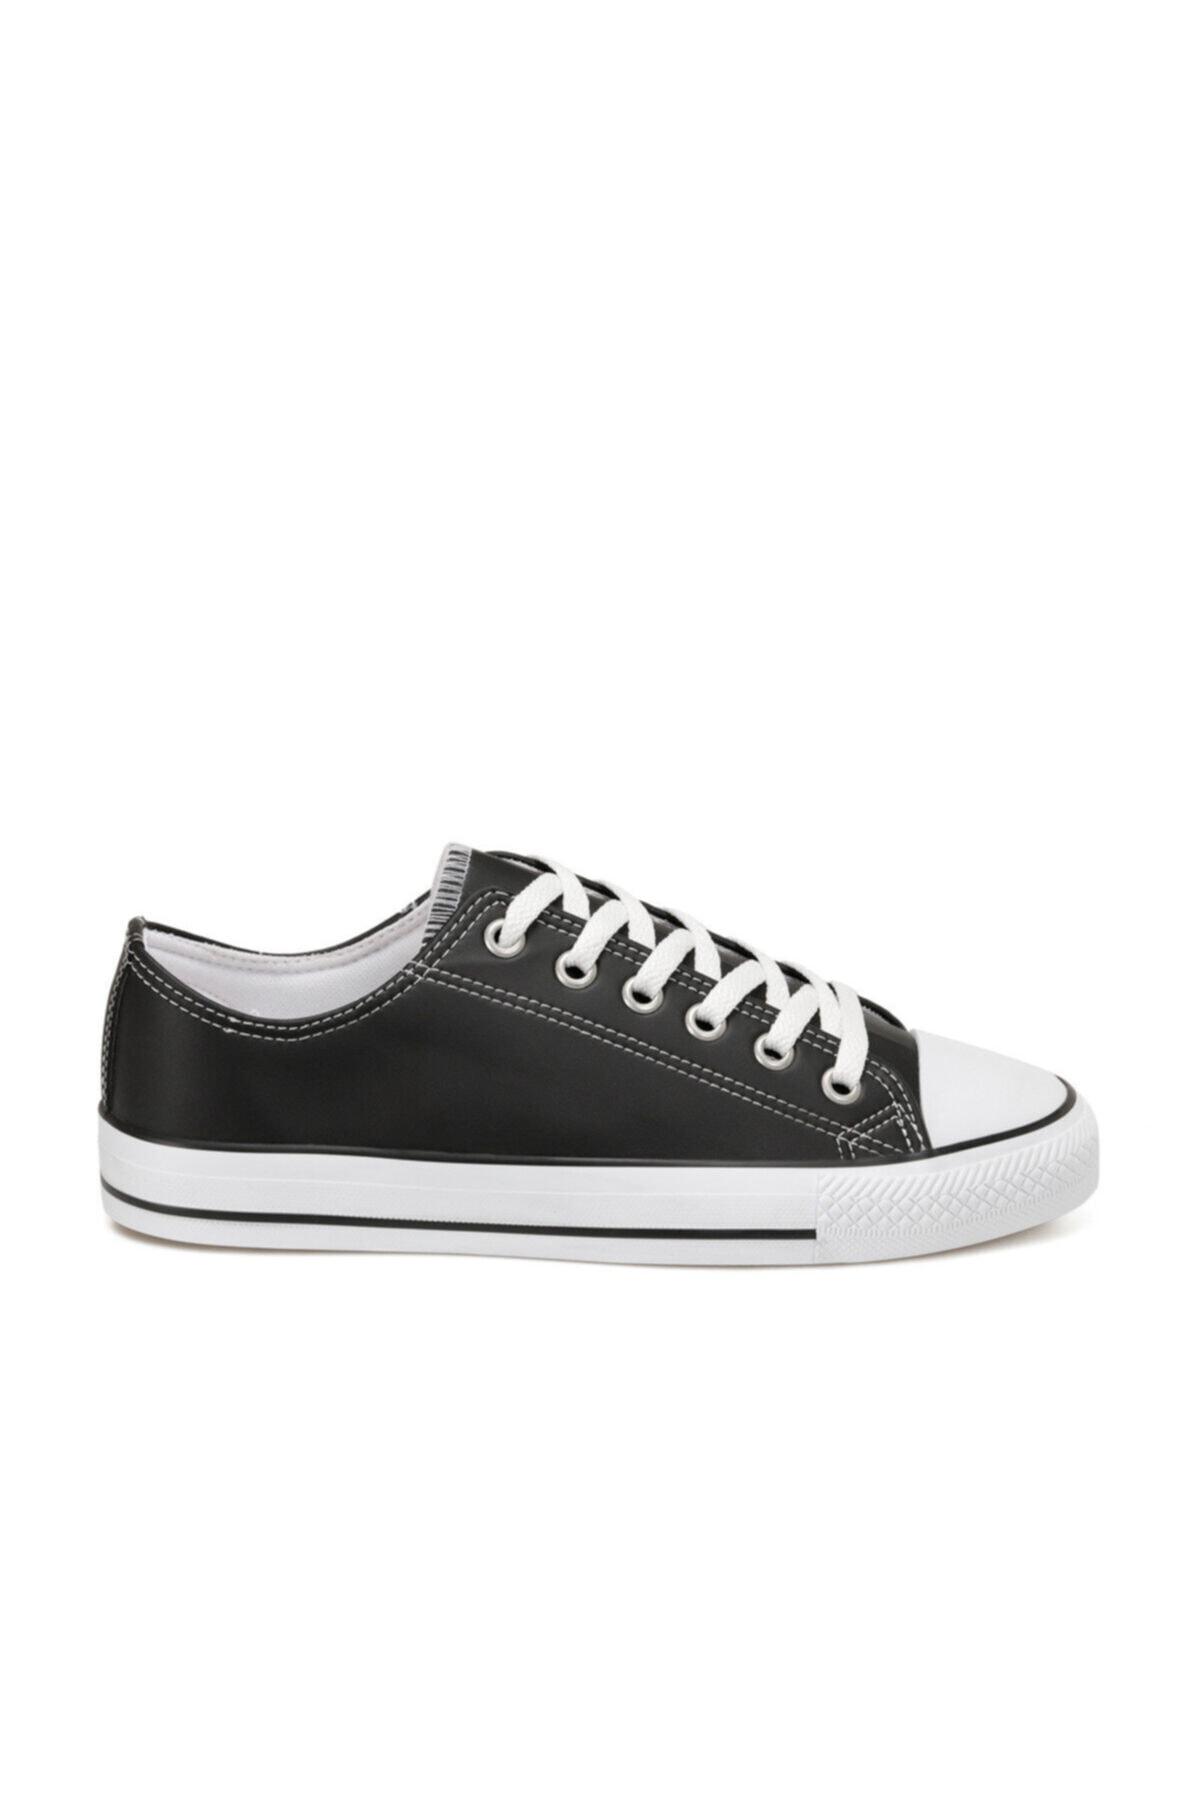 FORESTER EC-2001 Siyah Erkek Kalın Tabanlı Sneaker 100668678 2